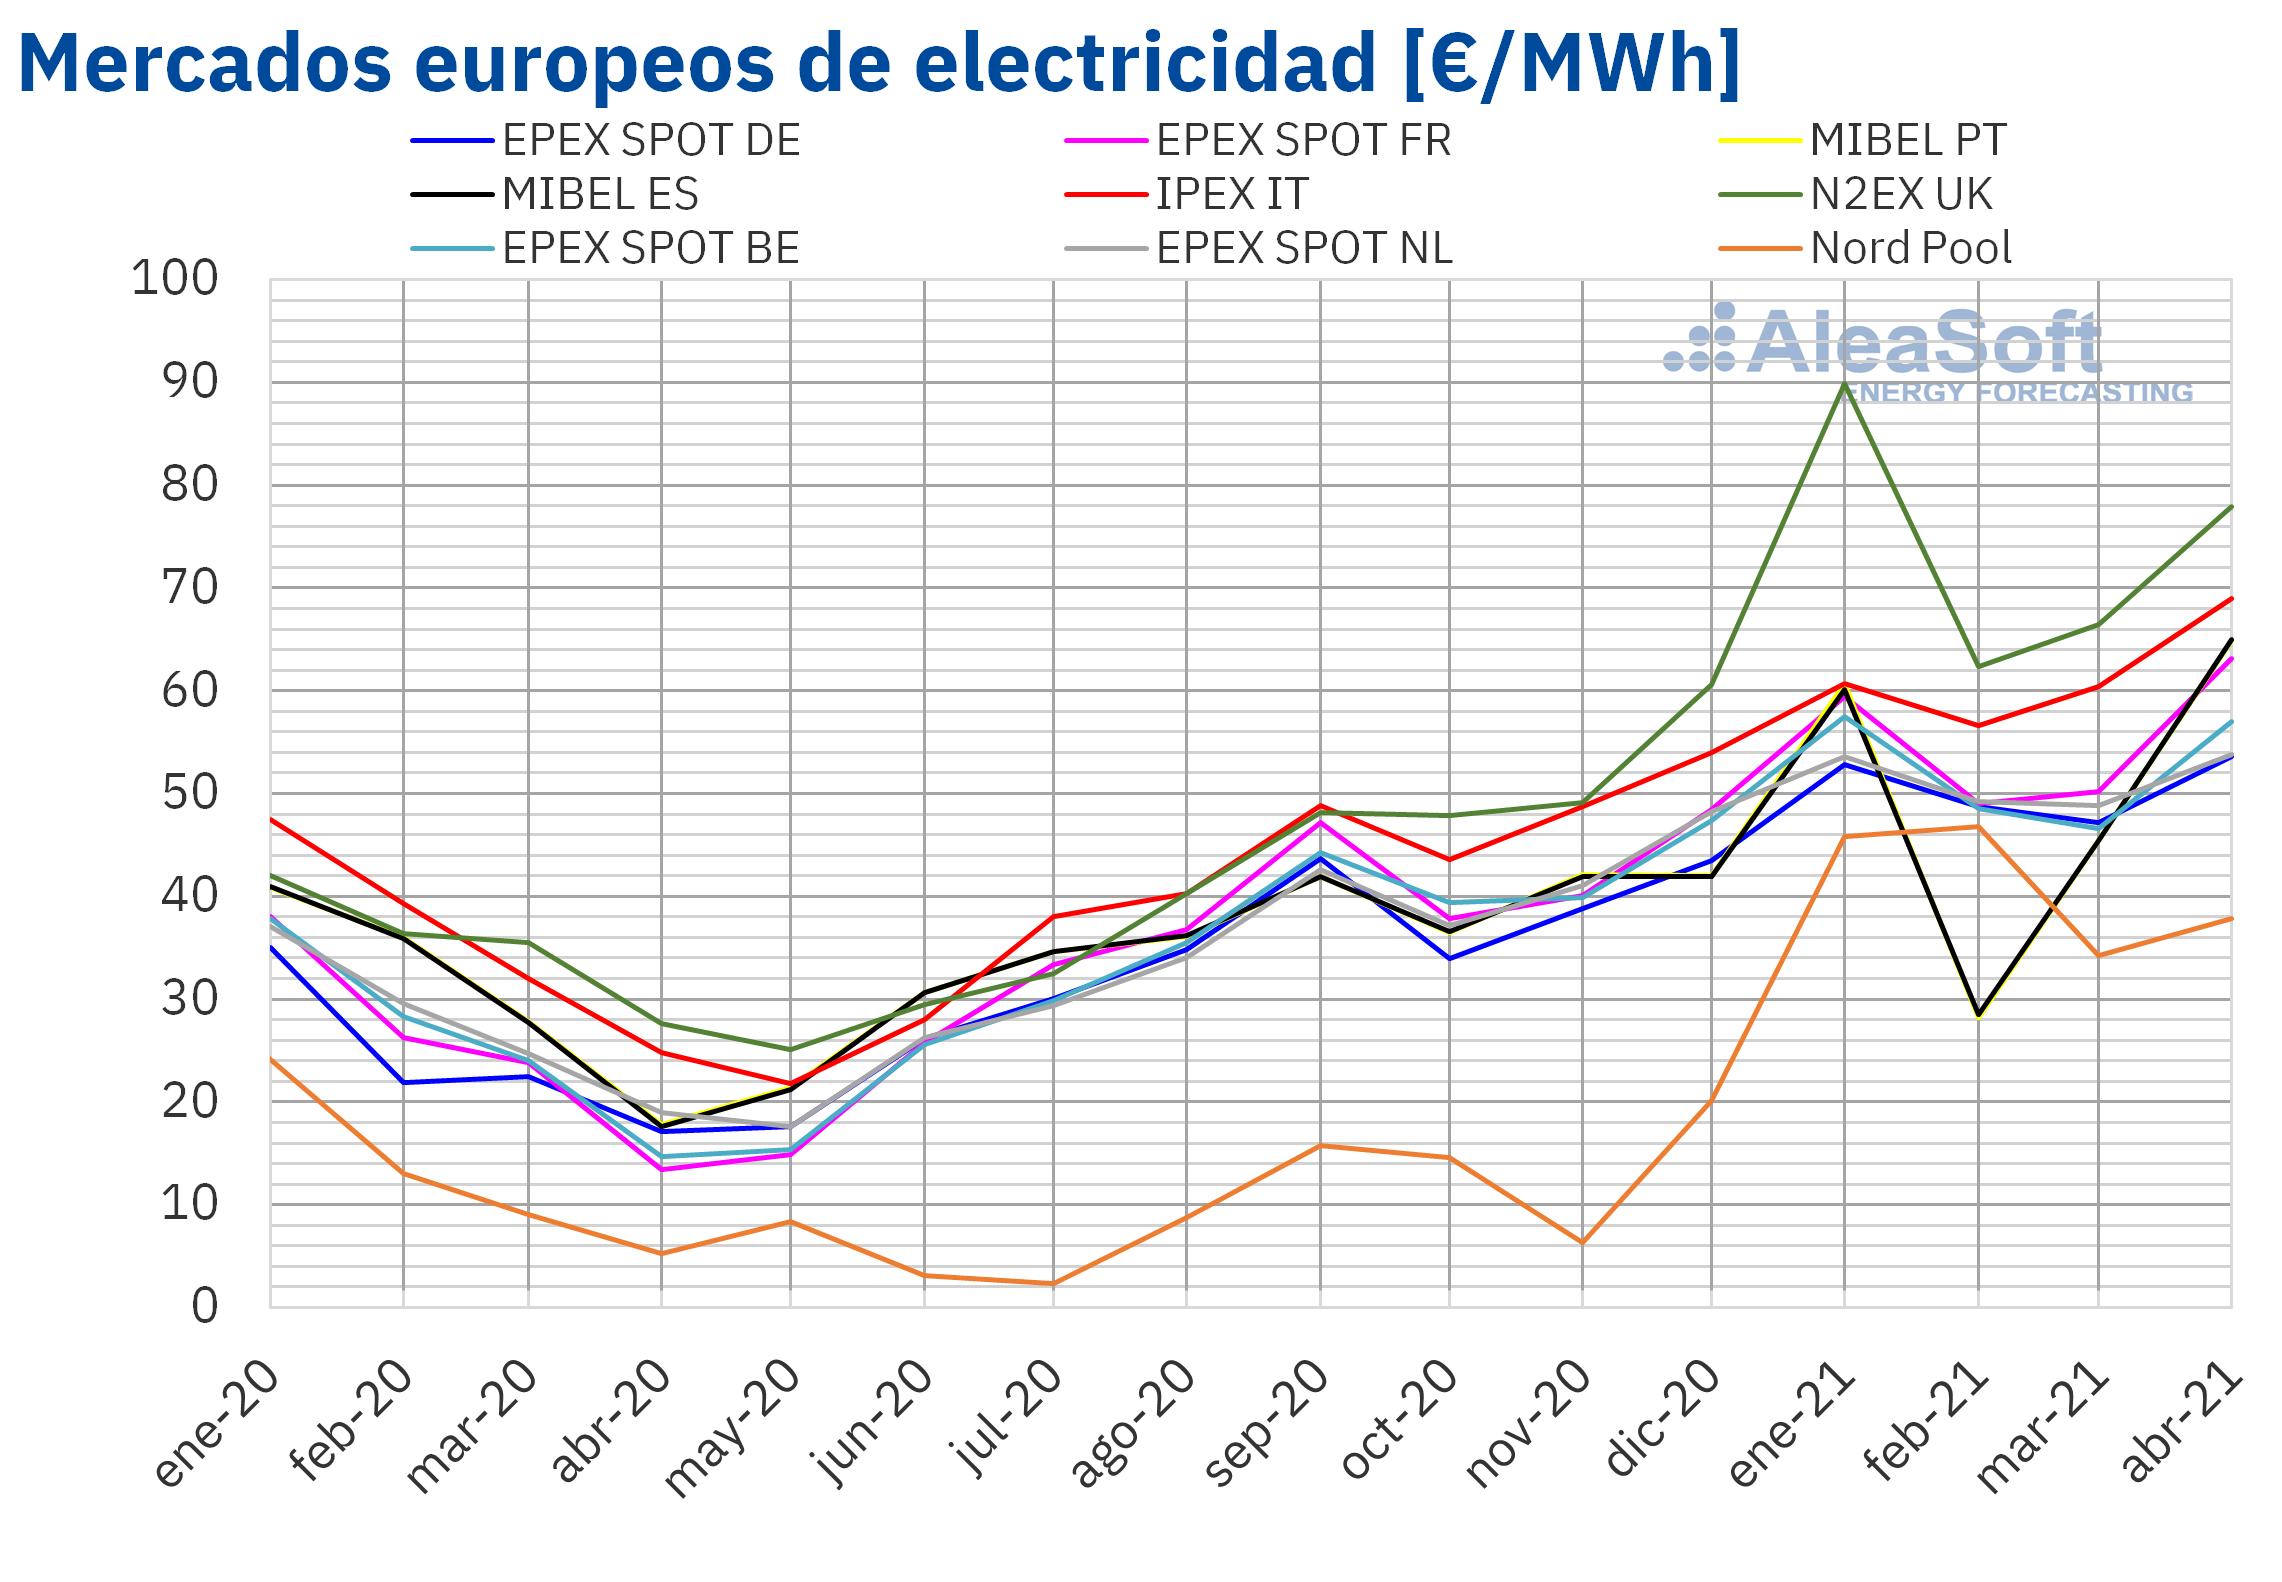 AleaSoft: Récords de precios para un abril en varios mercados eléctricos europeos